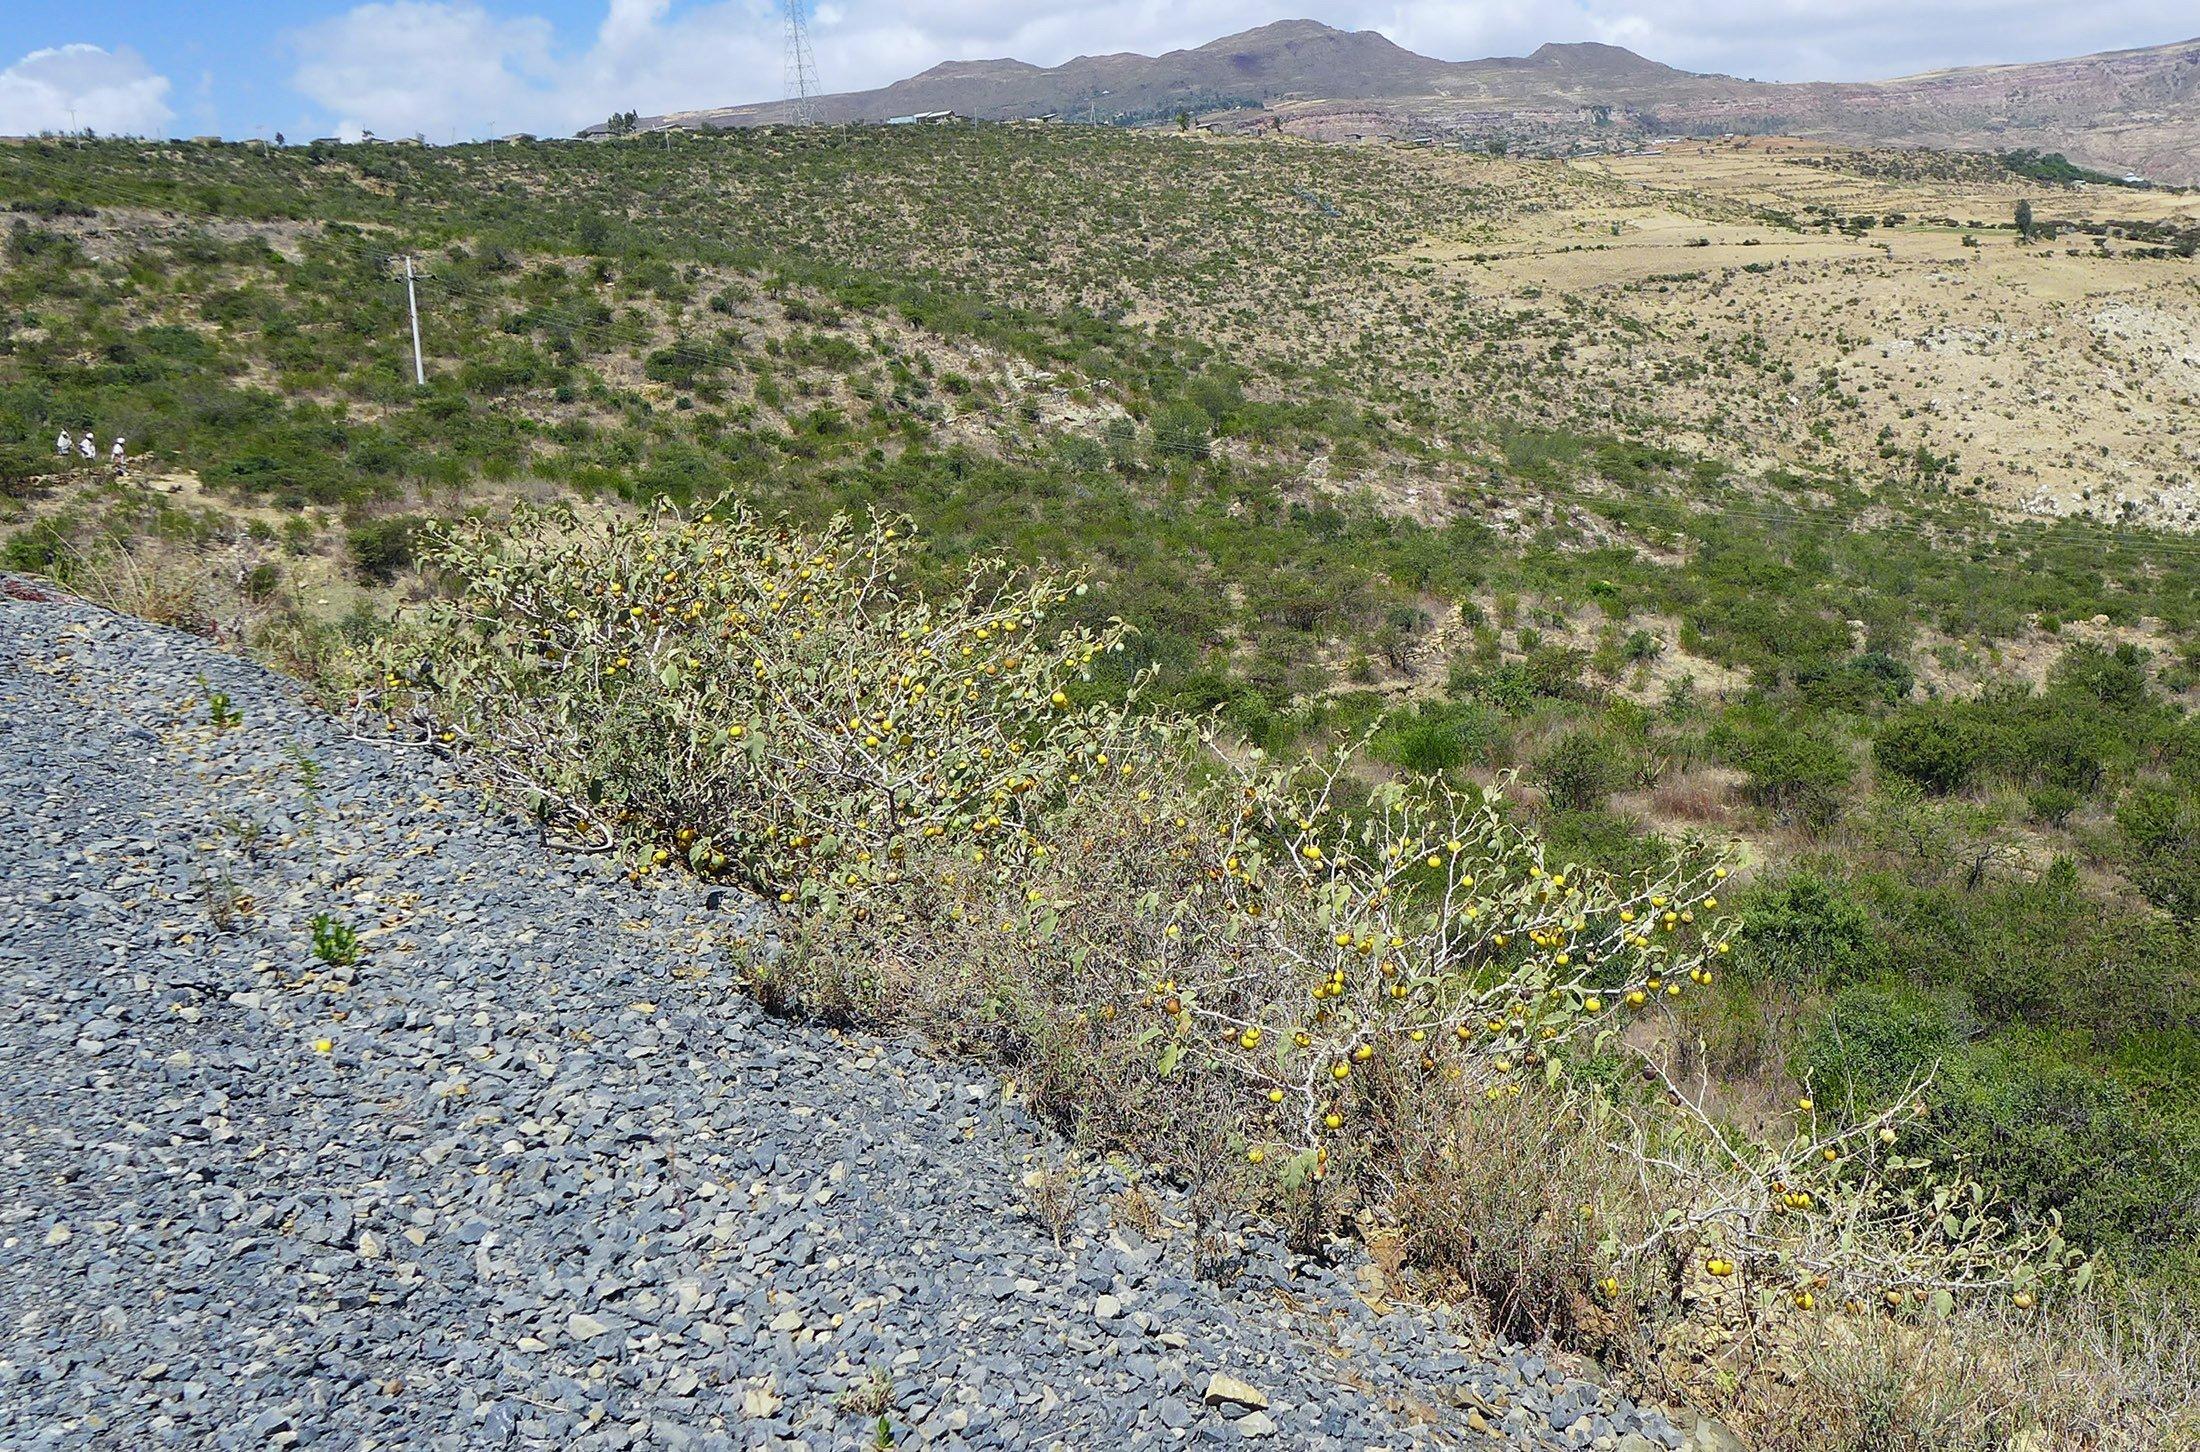 Eine niedrige, stachelige strauchige Pflanze wächst im Schotter am Straßenrand in einer trockenen, gebirgigen Landschaft. Sie trägt gelbe Früchte, die an Tomaten erinnern.